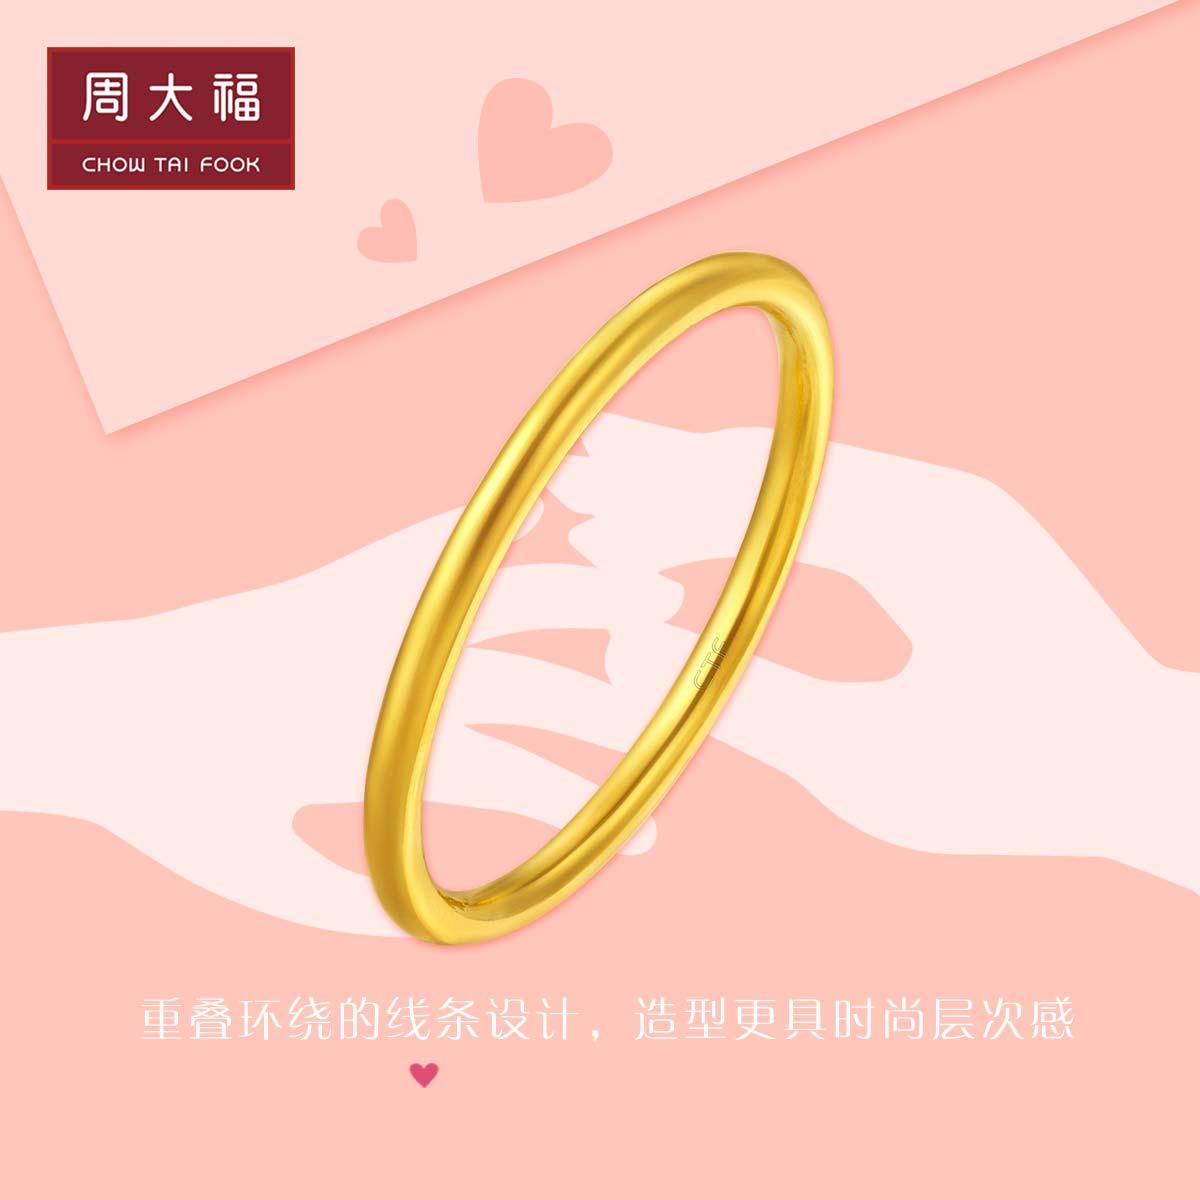 周大福珠宝首饰简约足金黄金素圈戒指计价EOF1官方